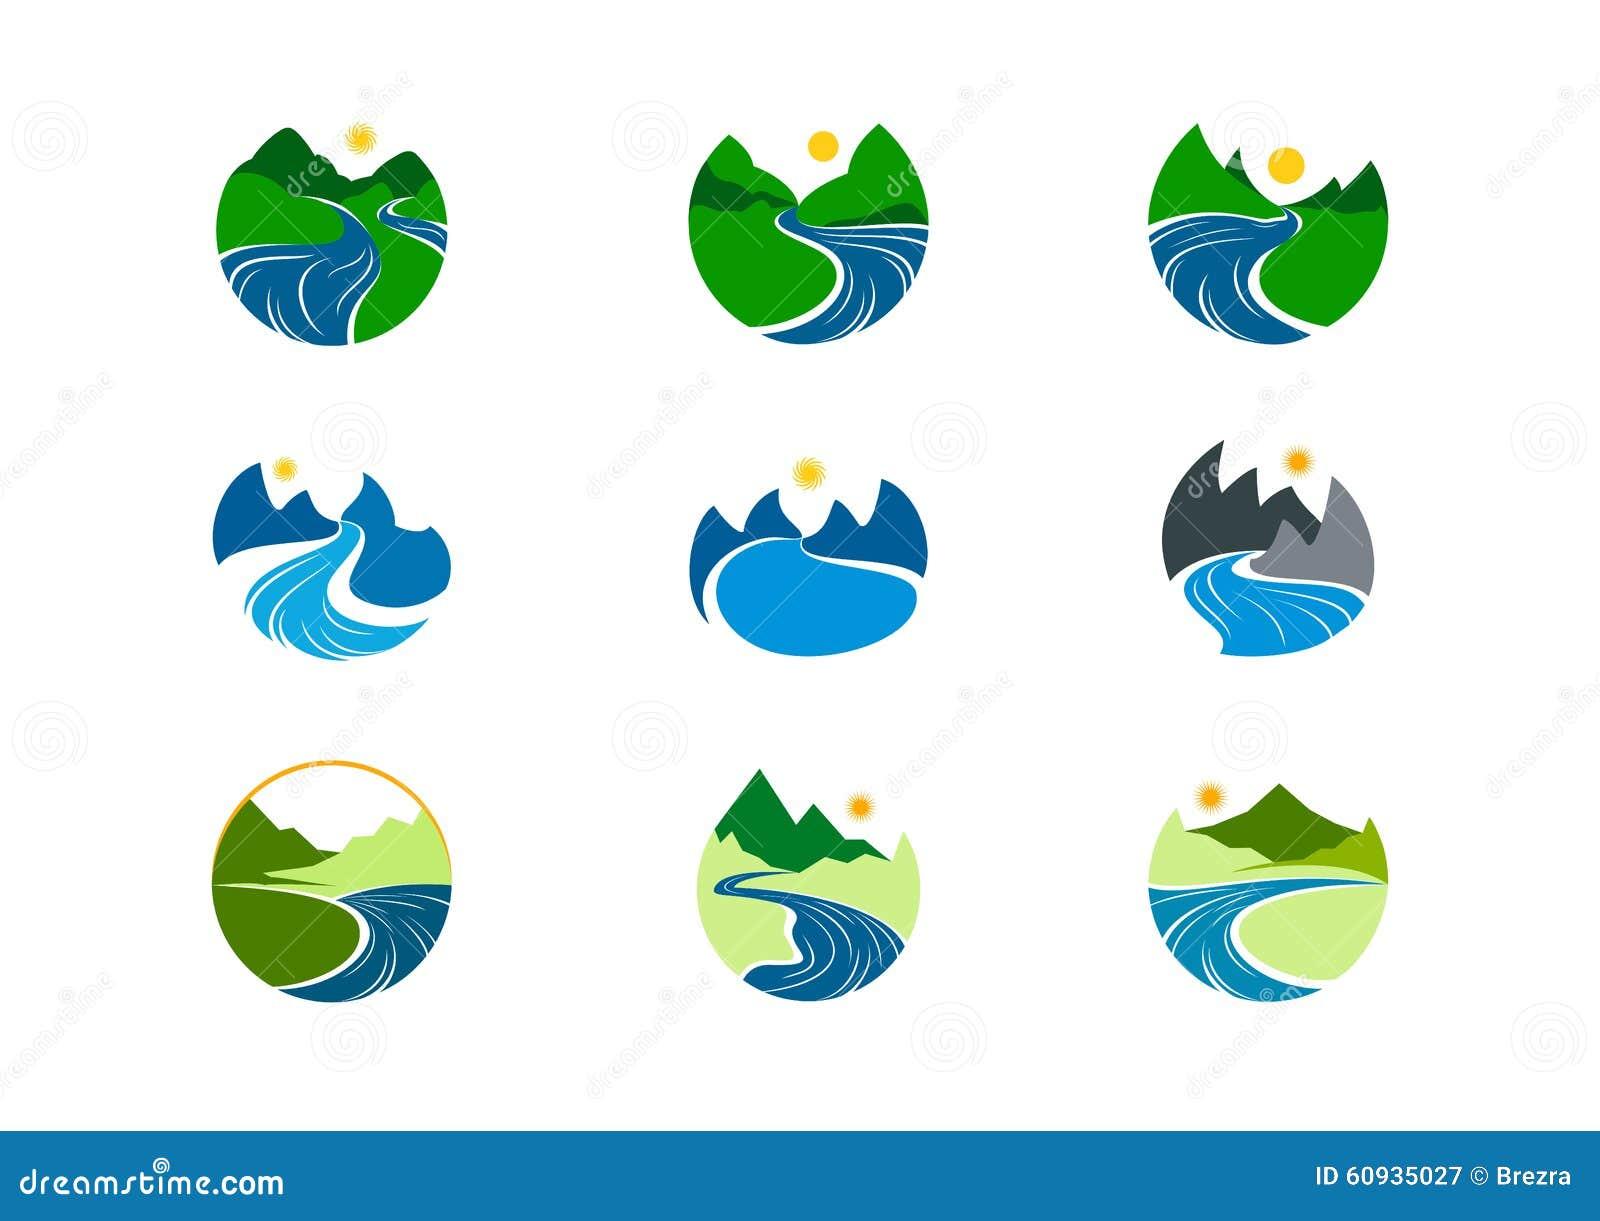 Rivierembleem, het symboolontwerp van de aardberg